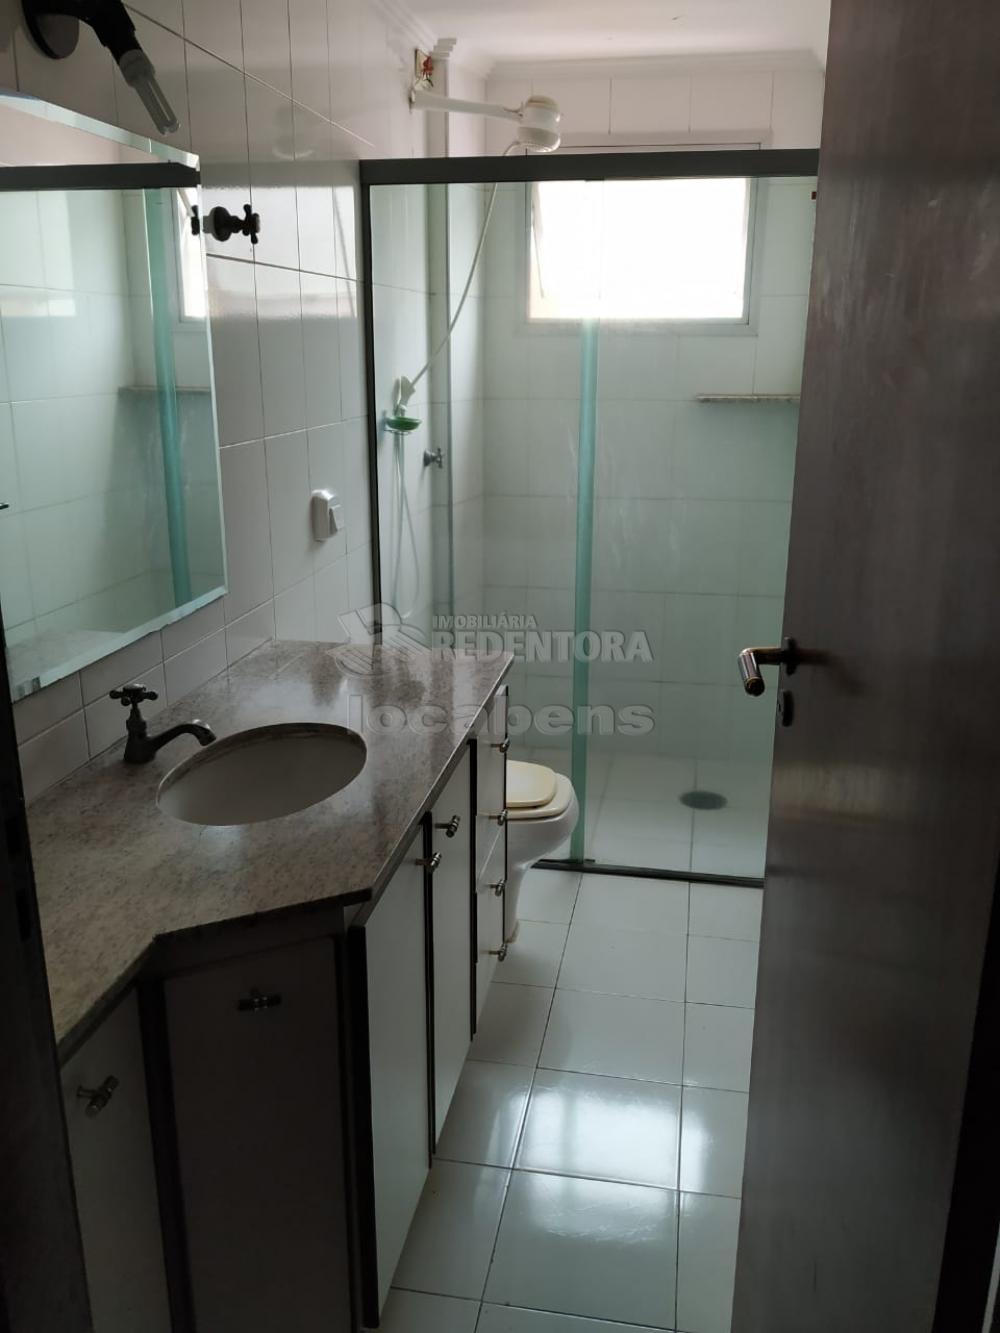 Comprar Apartamento / Padrão em São José do Rio Preto apenas R$ 320.000,00 - Foto 24